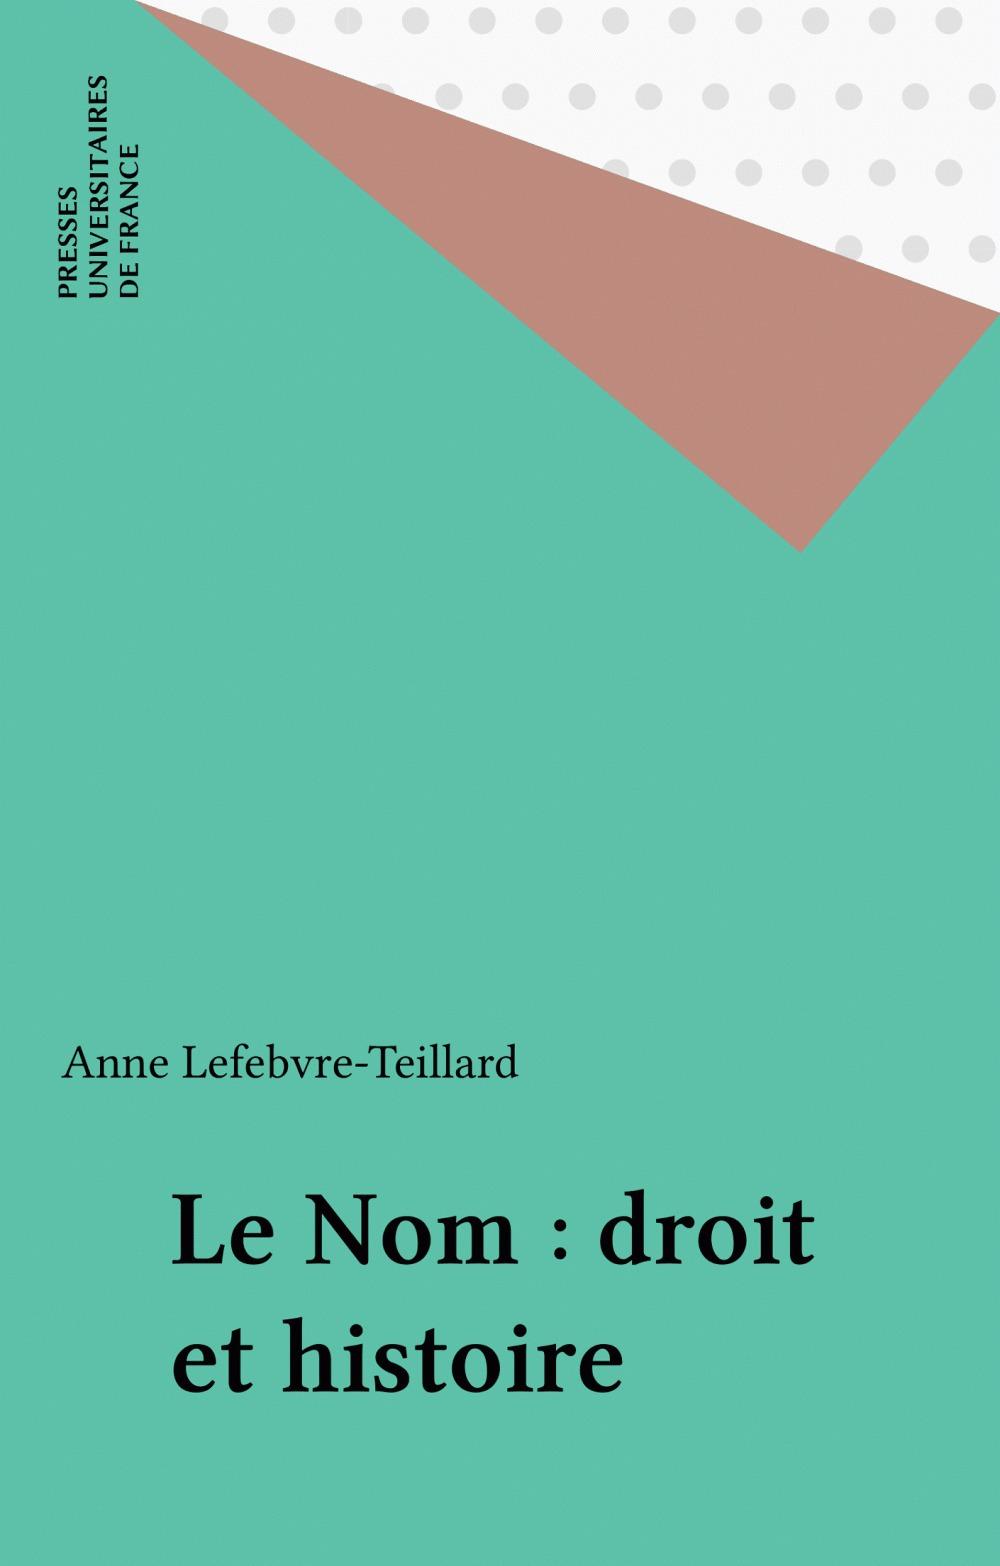 Anne Lefebvre-Teillard Le Nom : droit et histoire